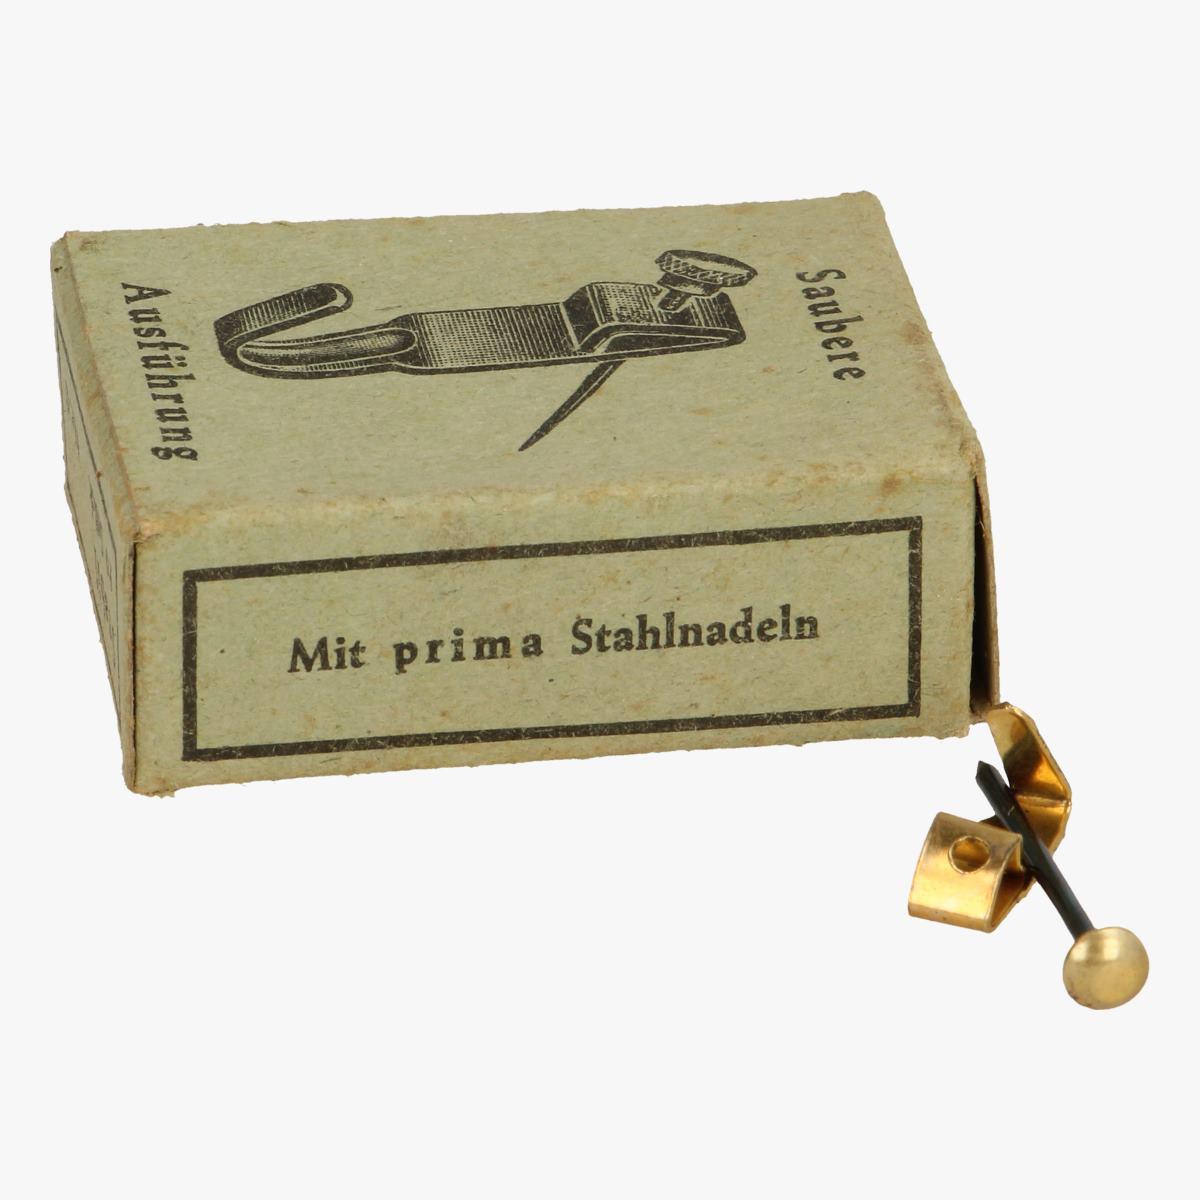 Afbeeldingen van doosje stabik wandhaken 10 st nr. 0 mit prima stahlnadeln